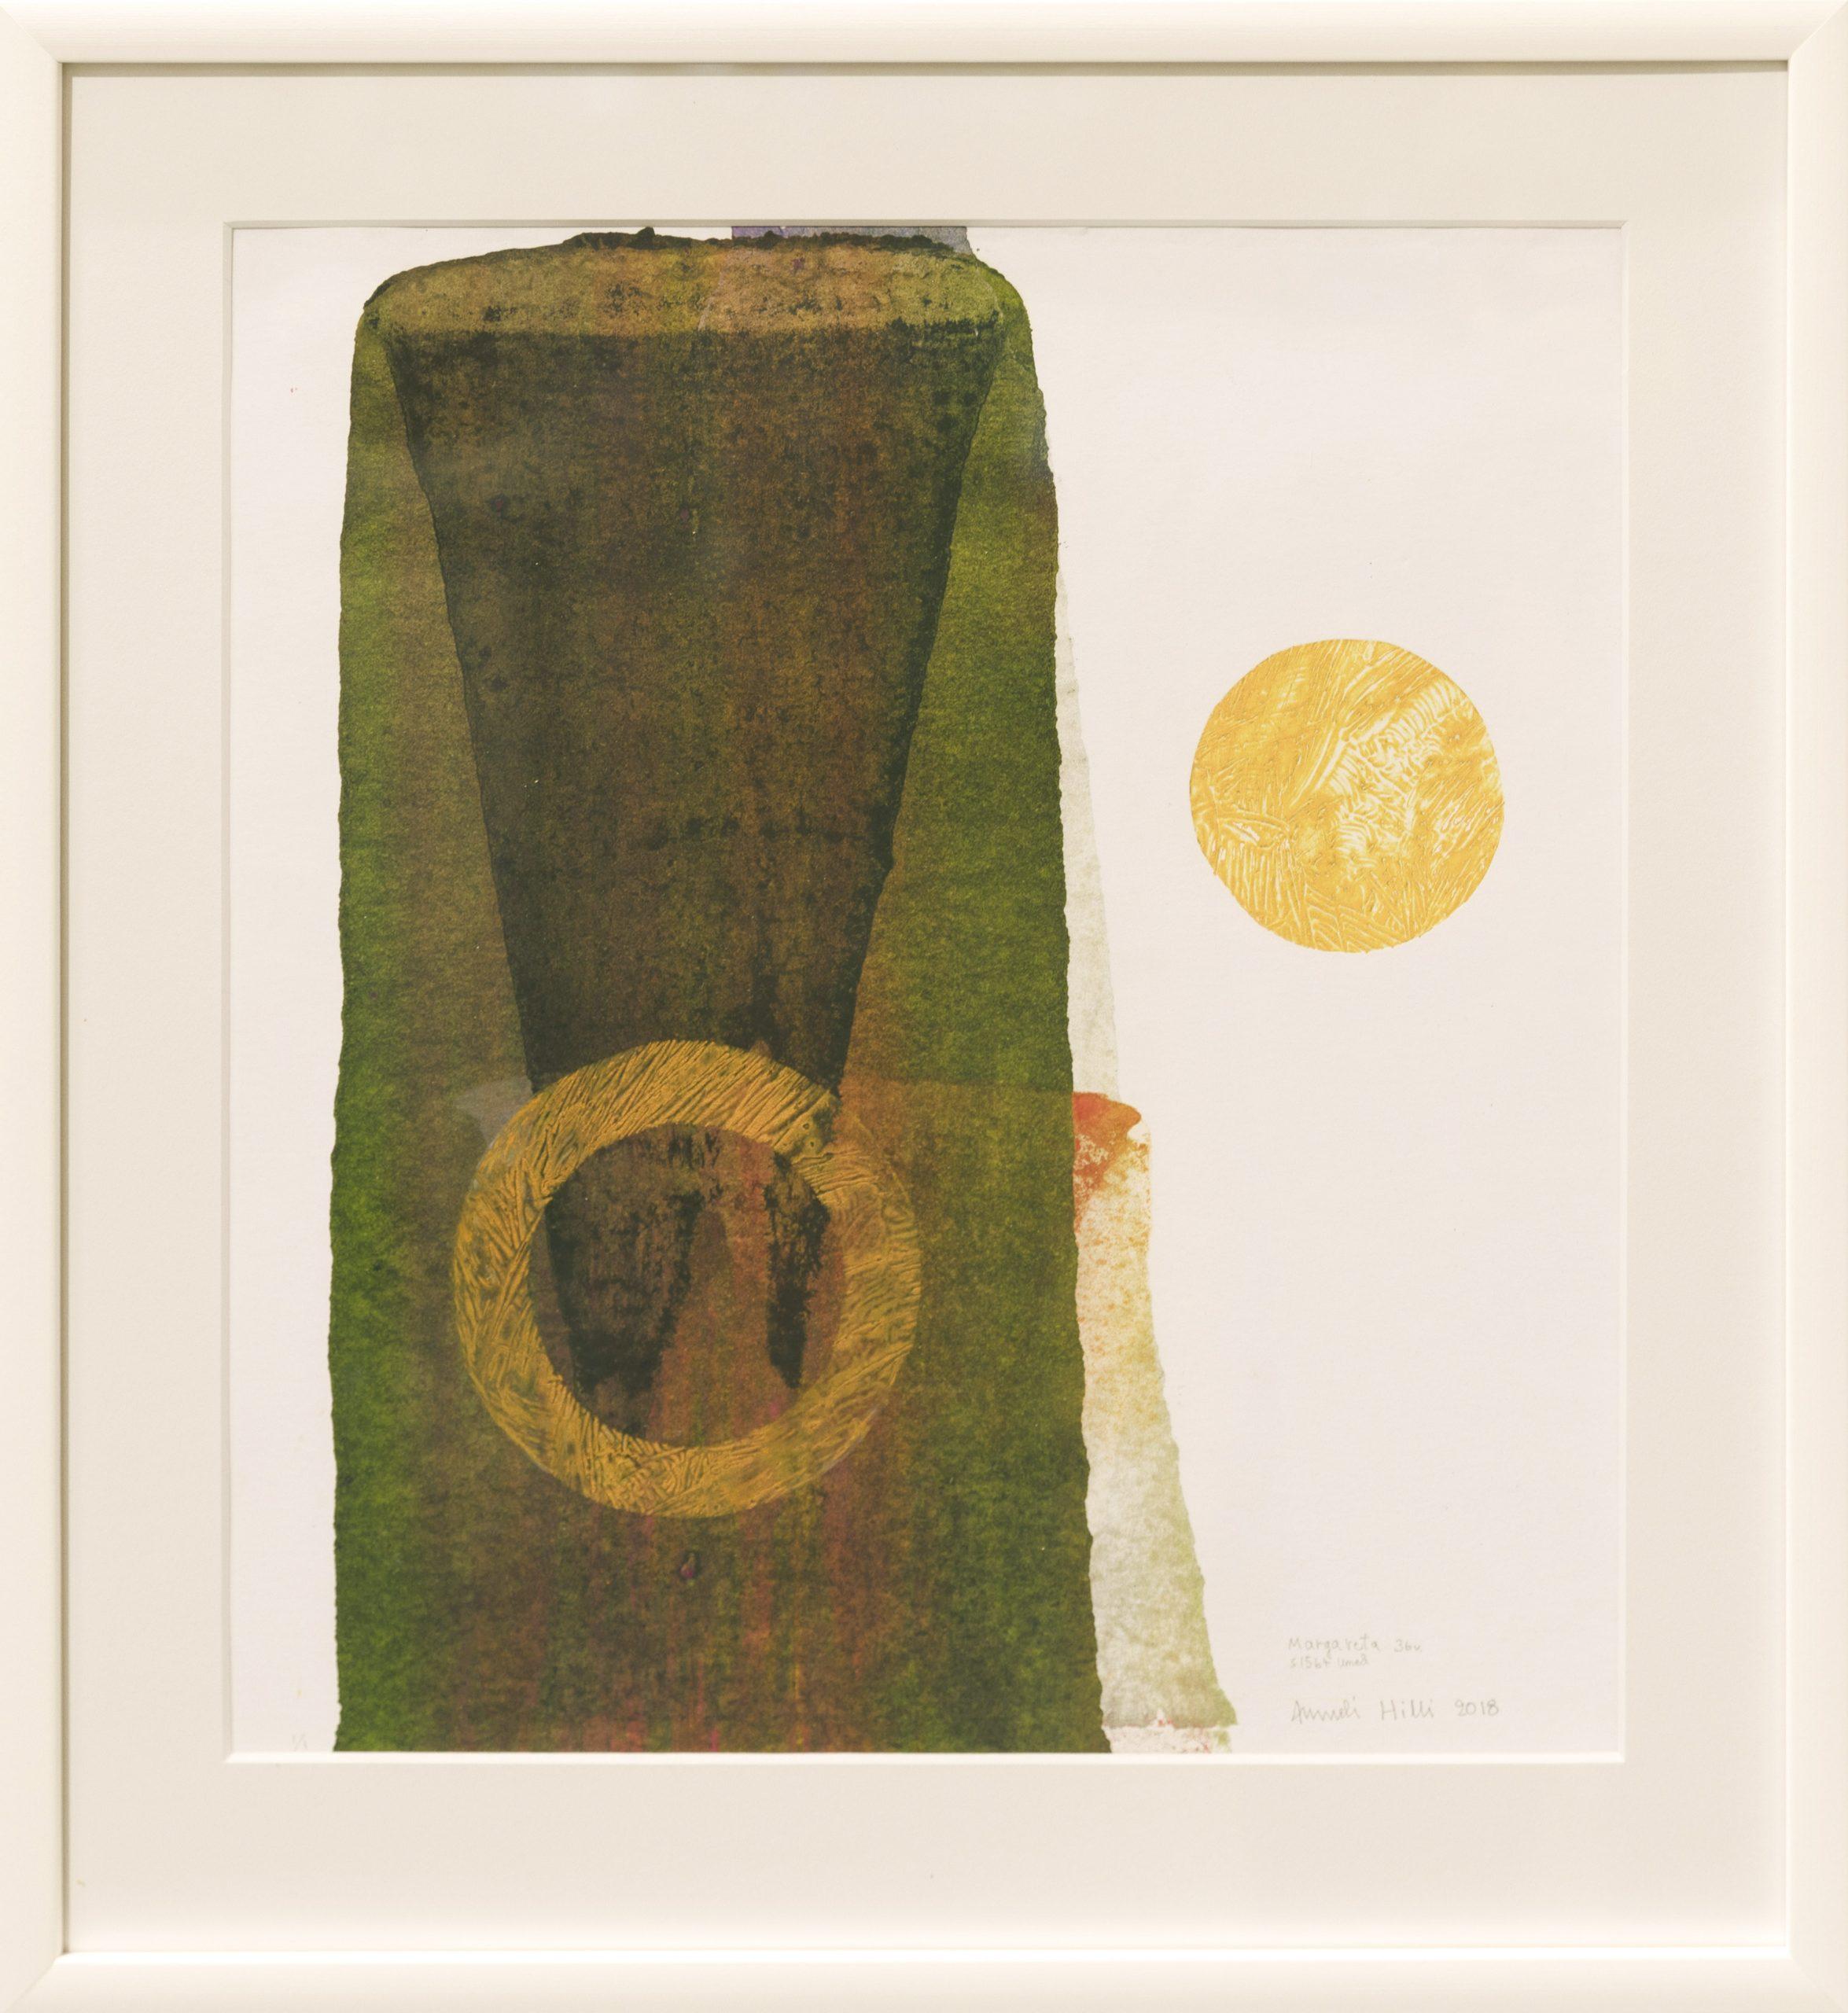 Abstratki muoto, jossa myrkynvihreää, ruskean sävyjä sekä keltainen kehä. Ulkopuolella keltainen pallo. Valkoinen tausta.